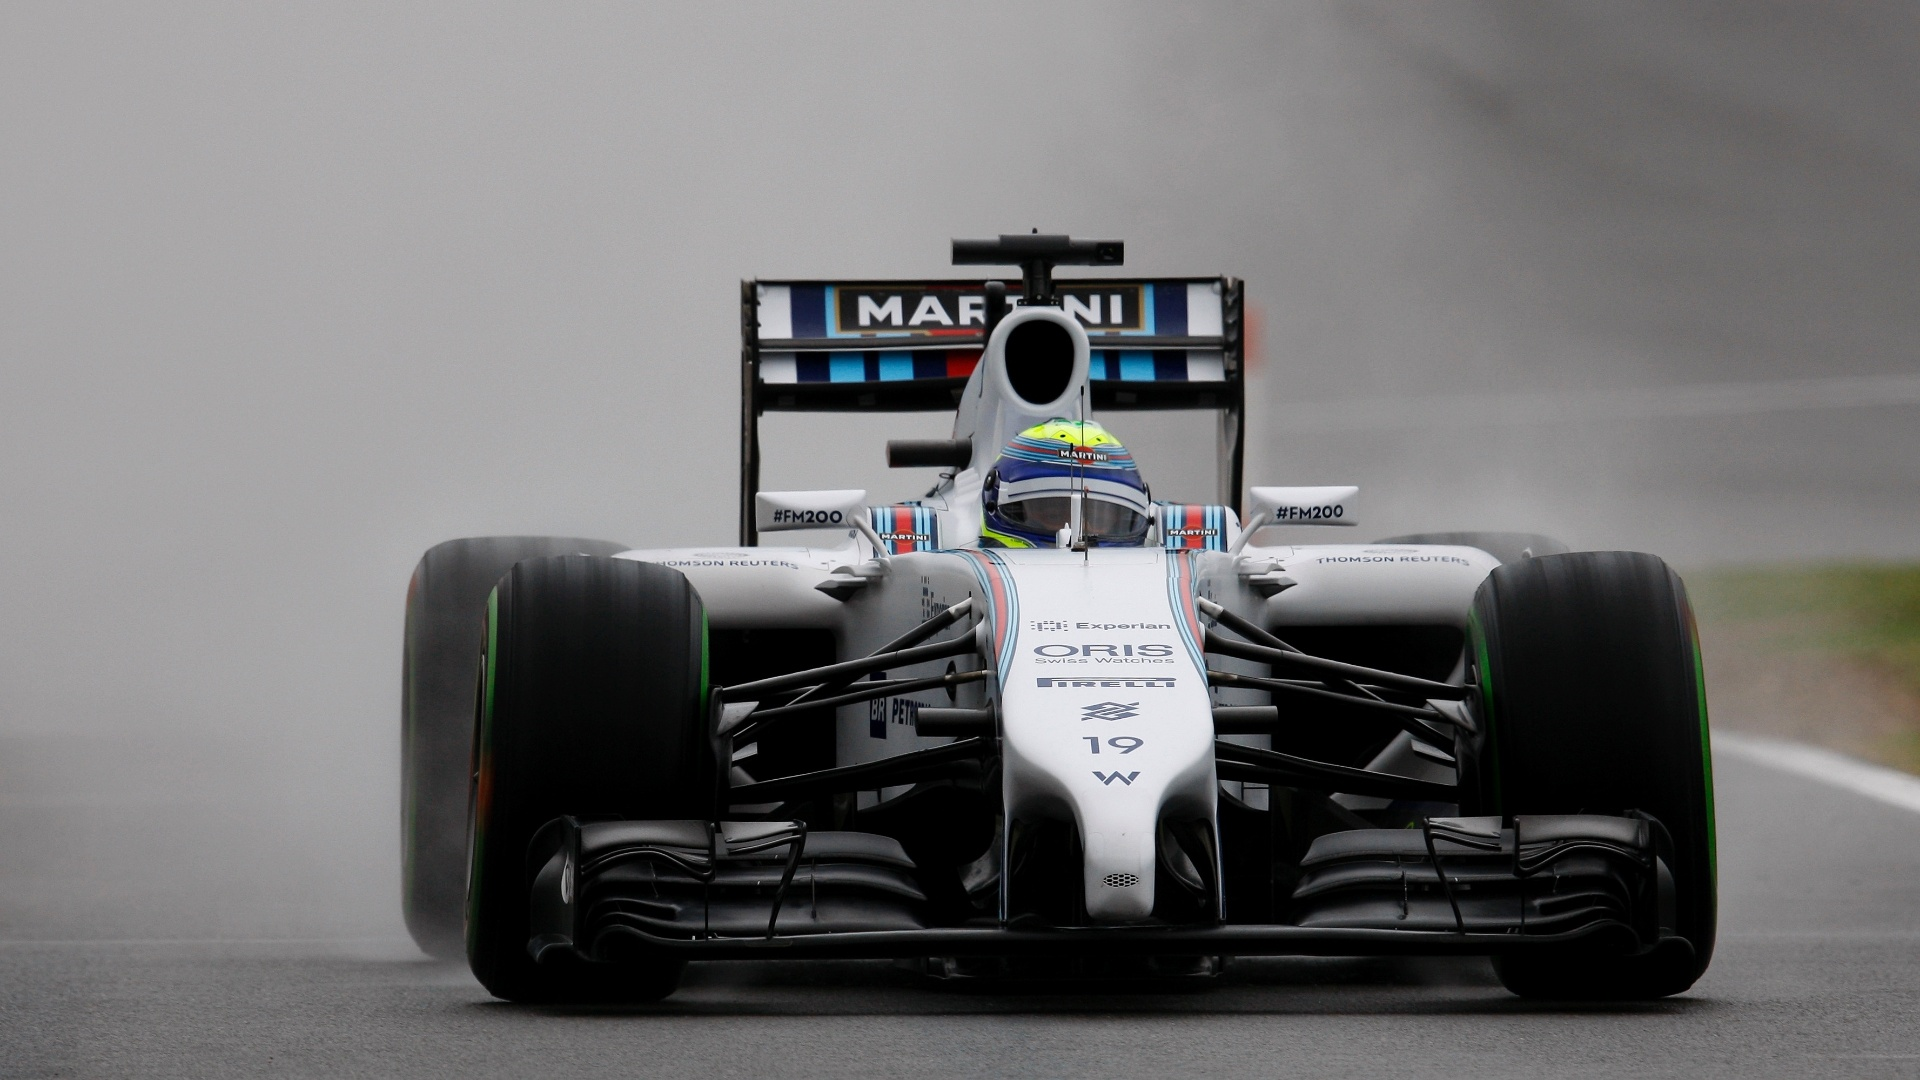 05.jul.2014 - Felipe Massa acelera sua Williams pelo circuito de Silverstone durante o treino de classificação do GP da Inglaterra